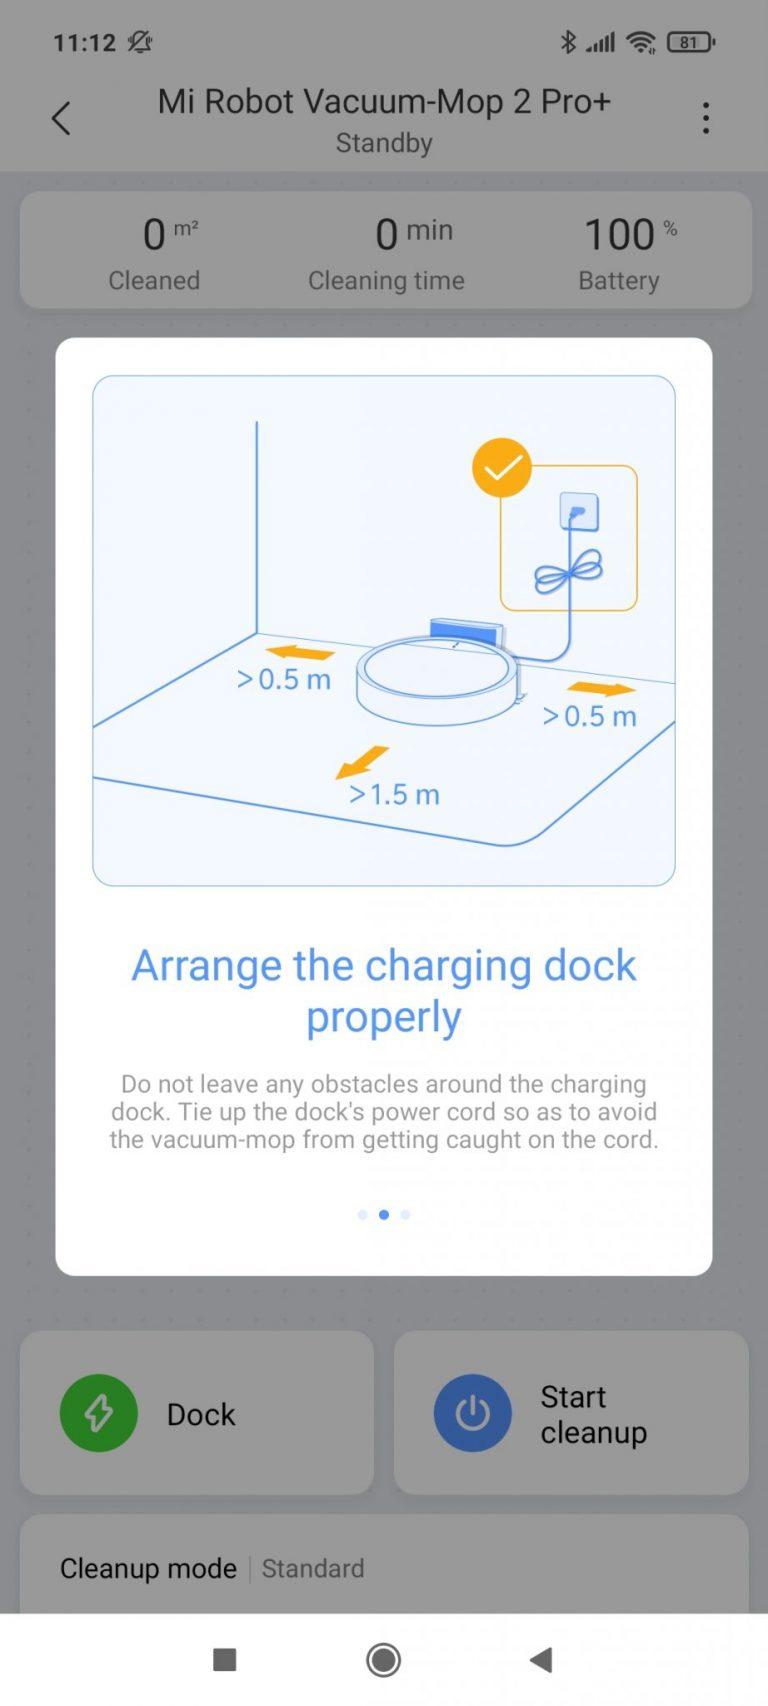 Xiaomi Vacuum-Mop 2 Pro+ robotporszívó tesztje 16